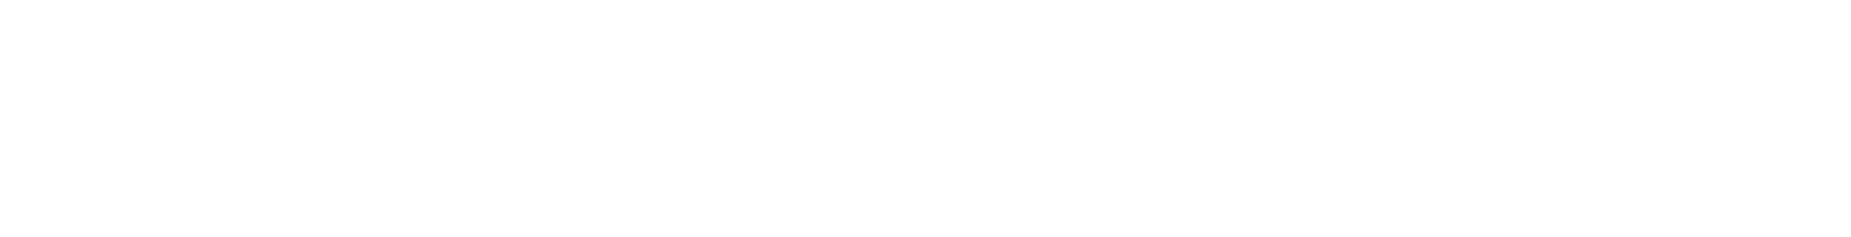 霊牛山 威徳院 極楽寺